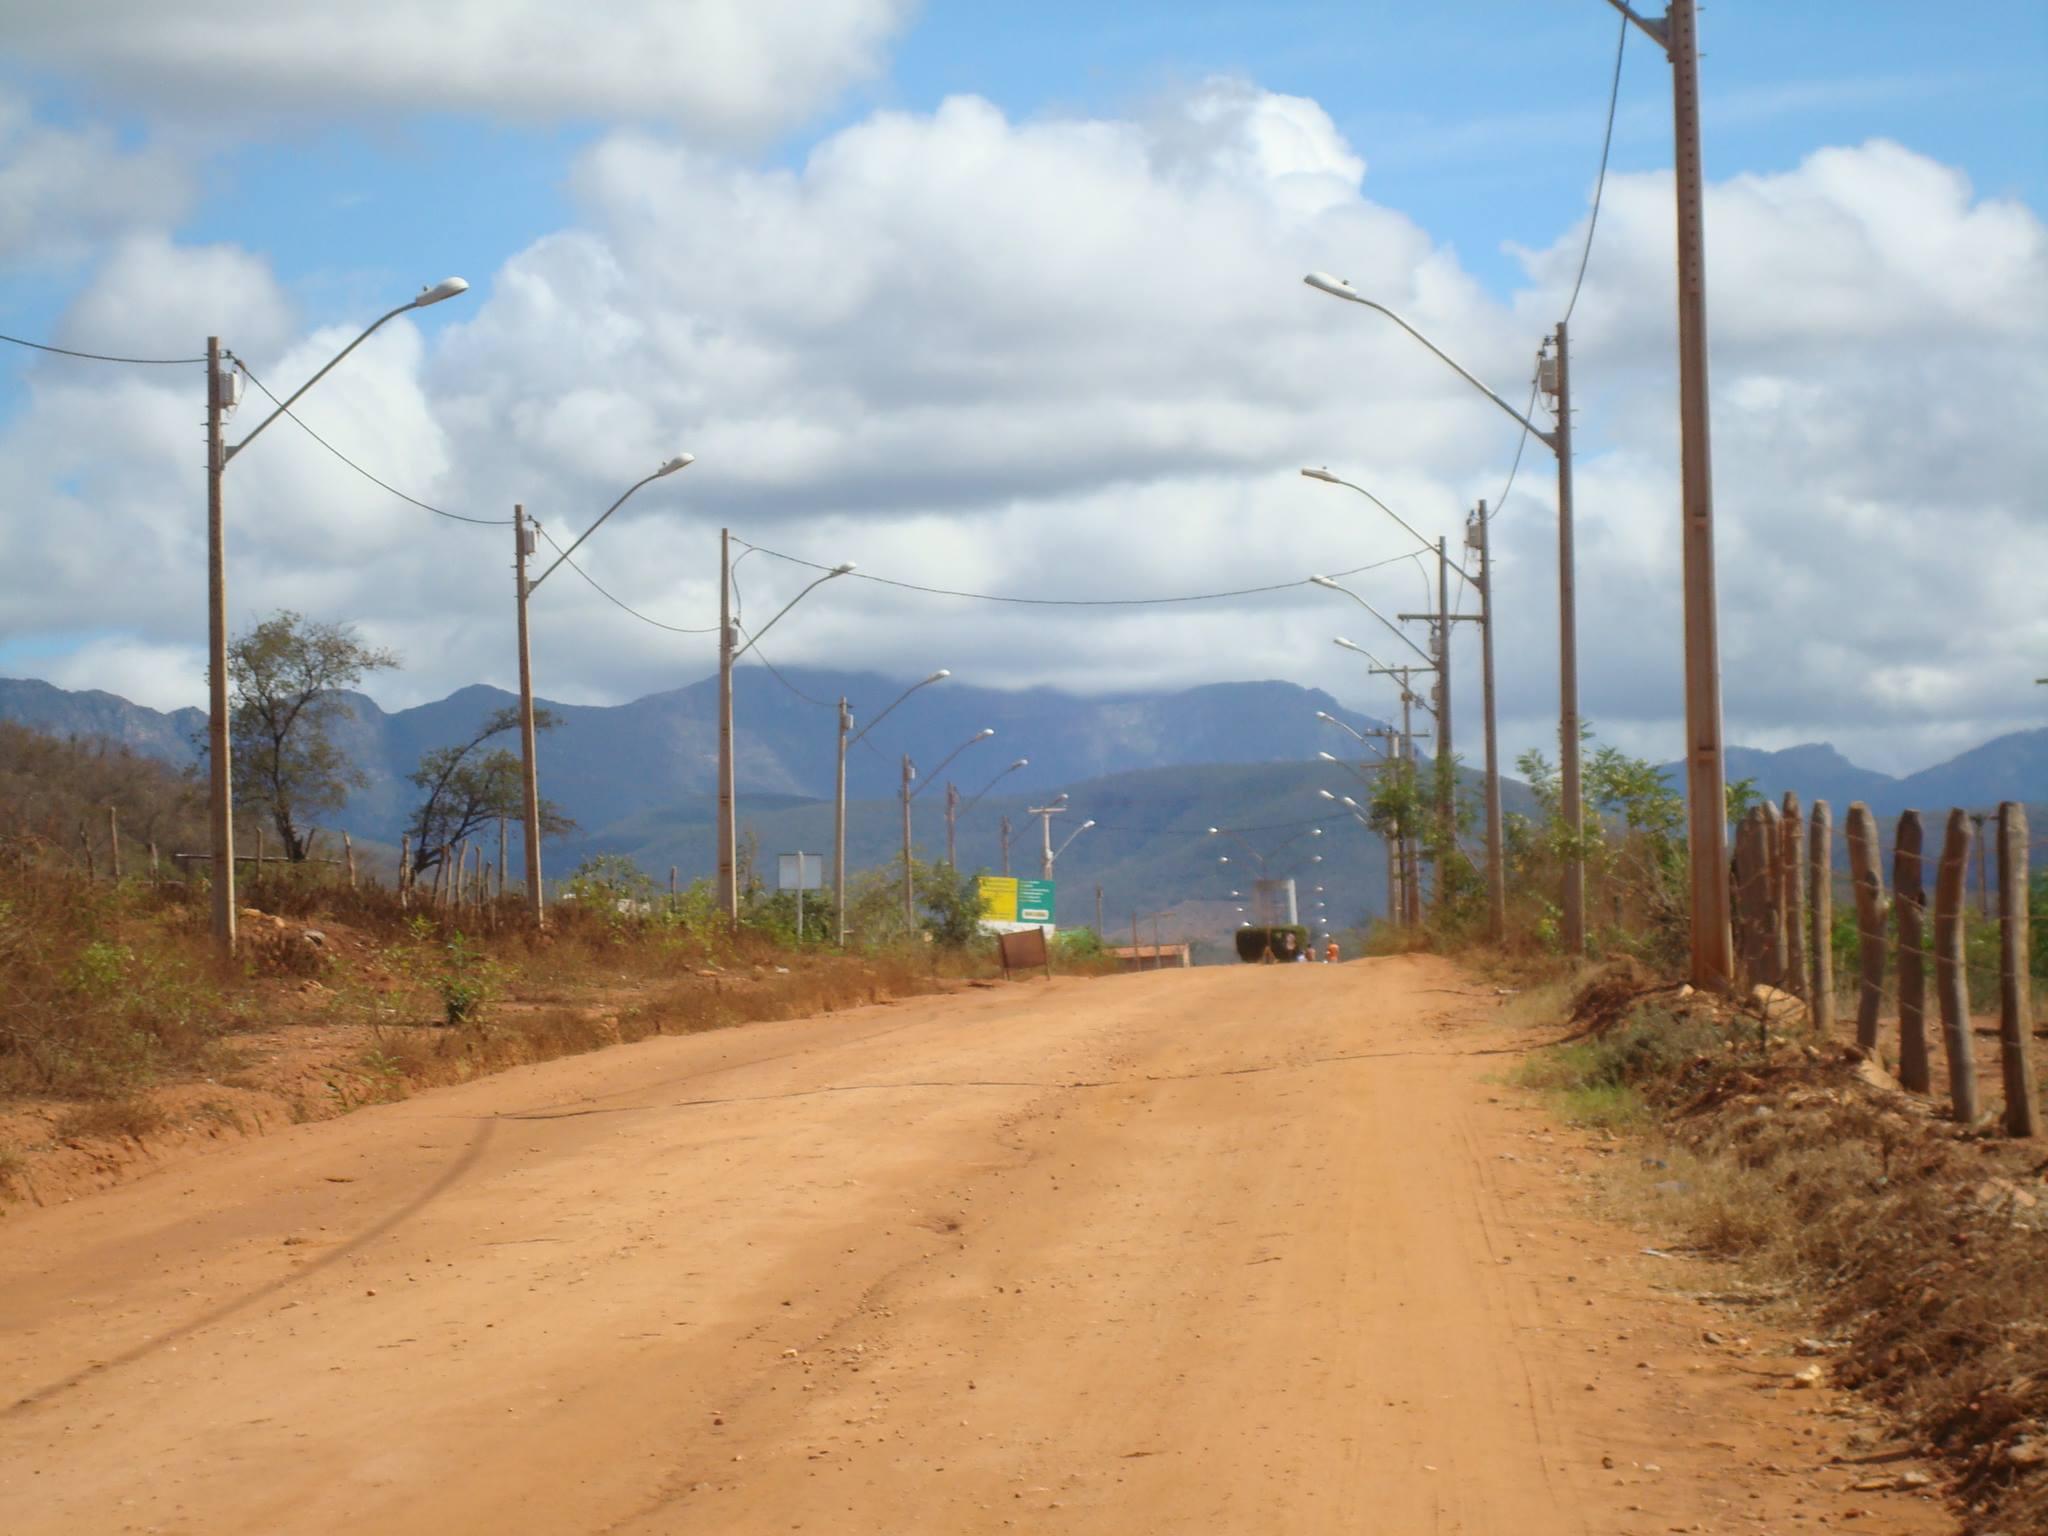 Fotos-uit-de-regio-van-Ibitiara-en-Seabra-aan-de-grote-BR-242-38